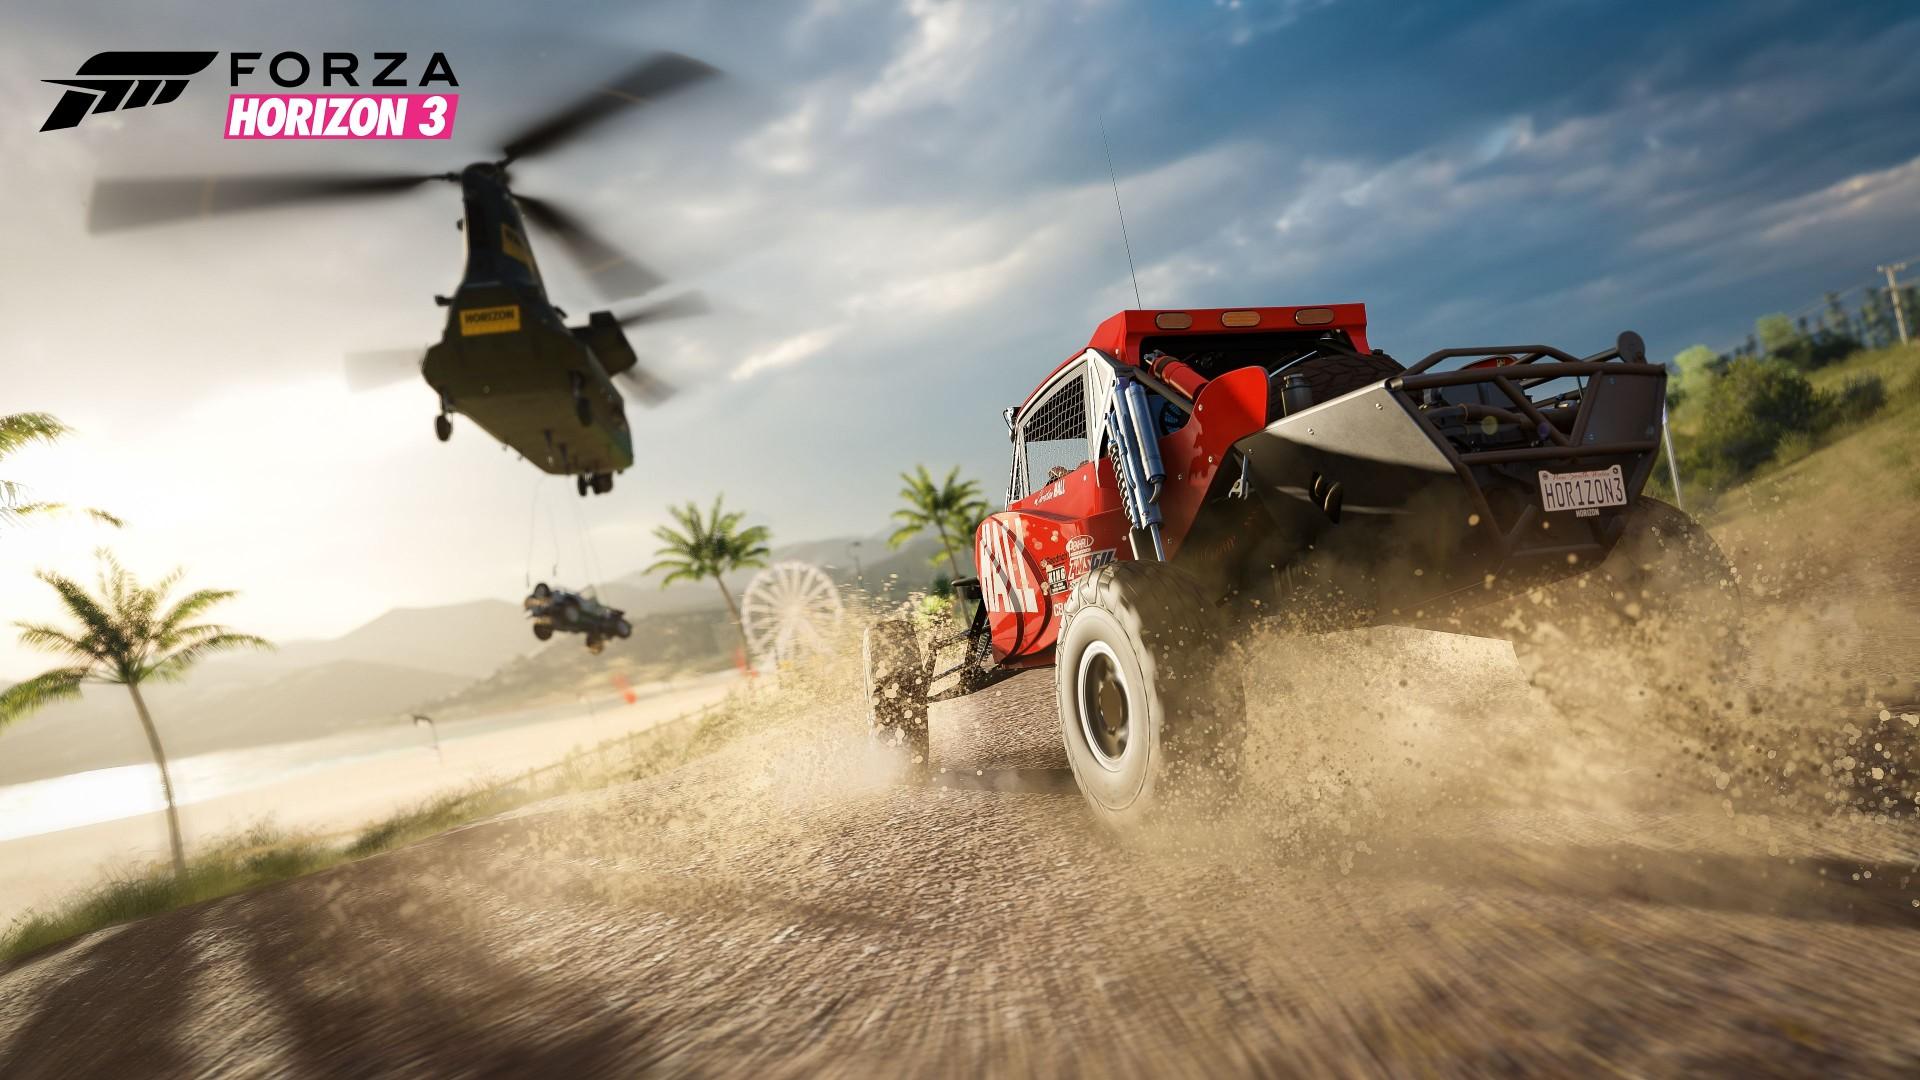 Forza Horizon 3 Wallpaper Hd Forza Horizon 3 Screenshot Wallpapers Hd Wallpapers Id